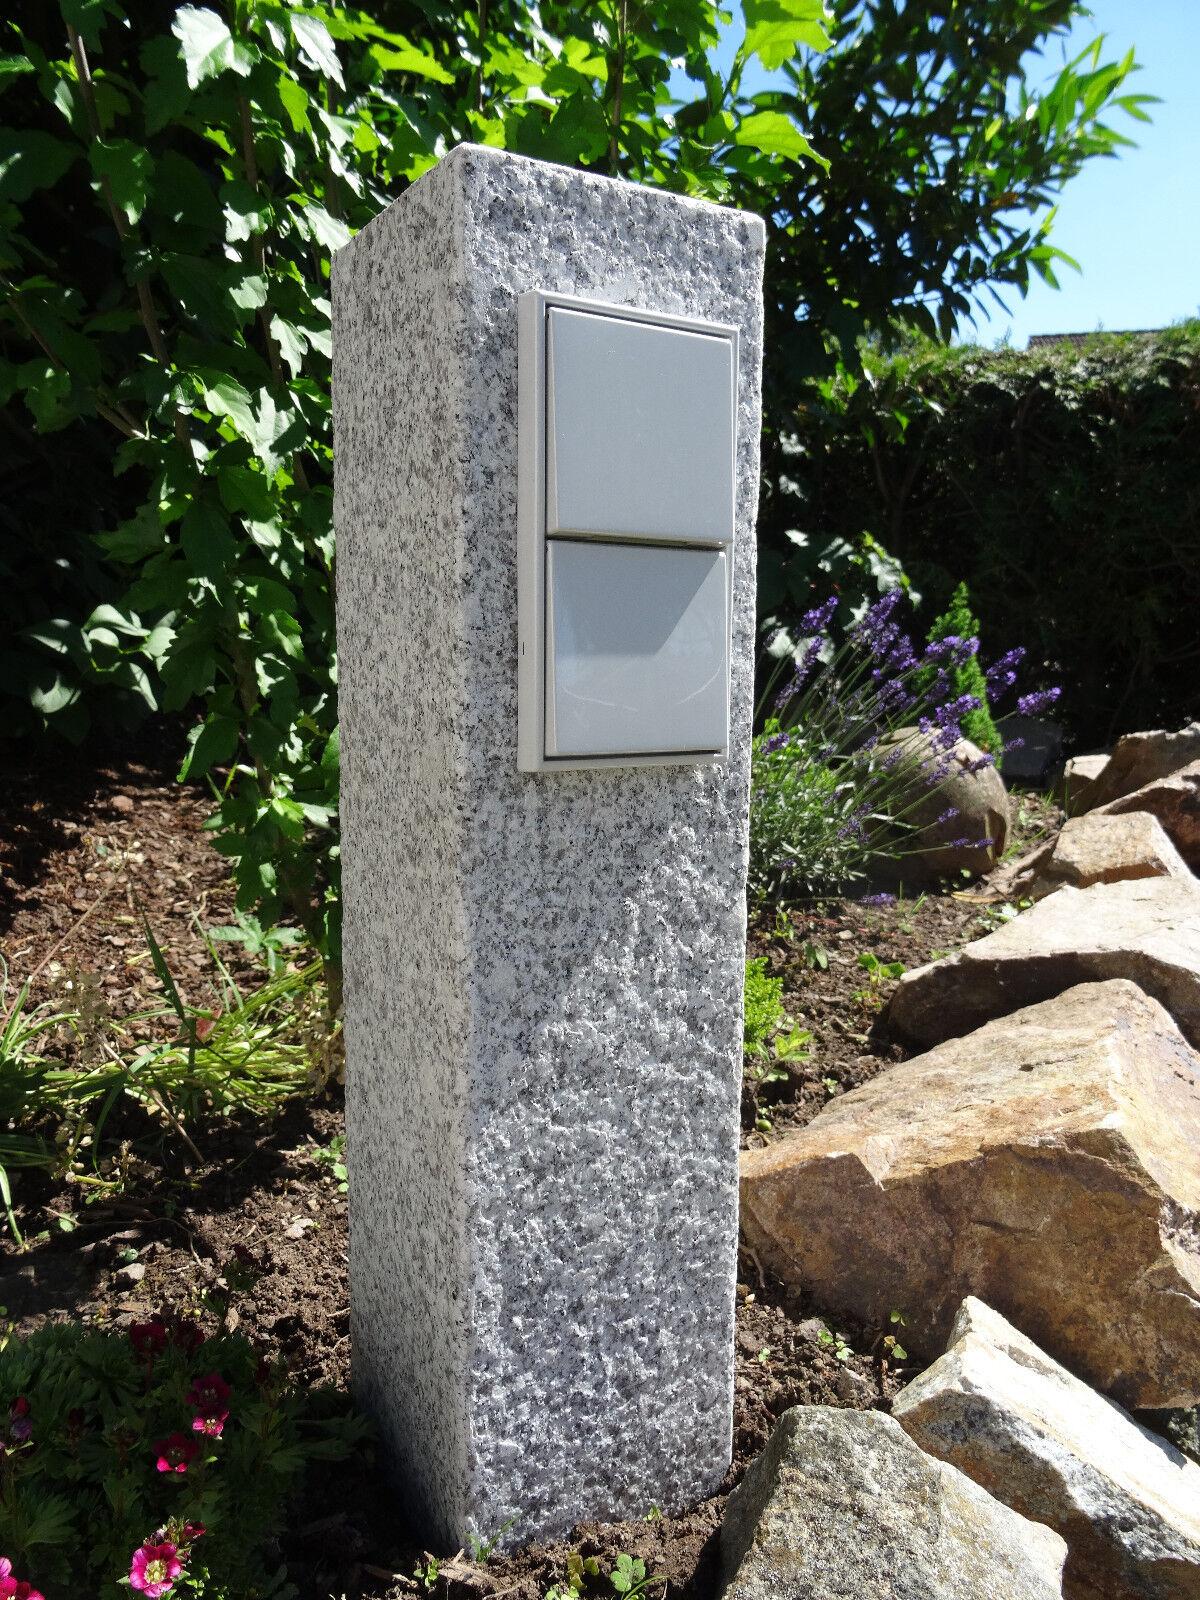 Steckdosensäule Granit Palisade Stein helll 50cm Garten Steckdose Lichtgrau